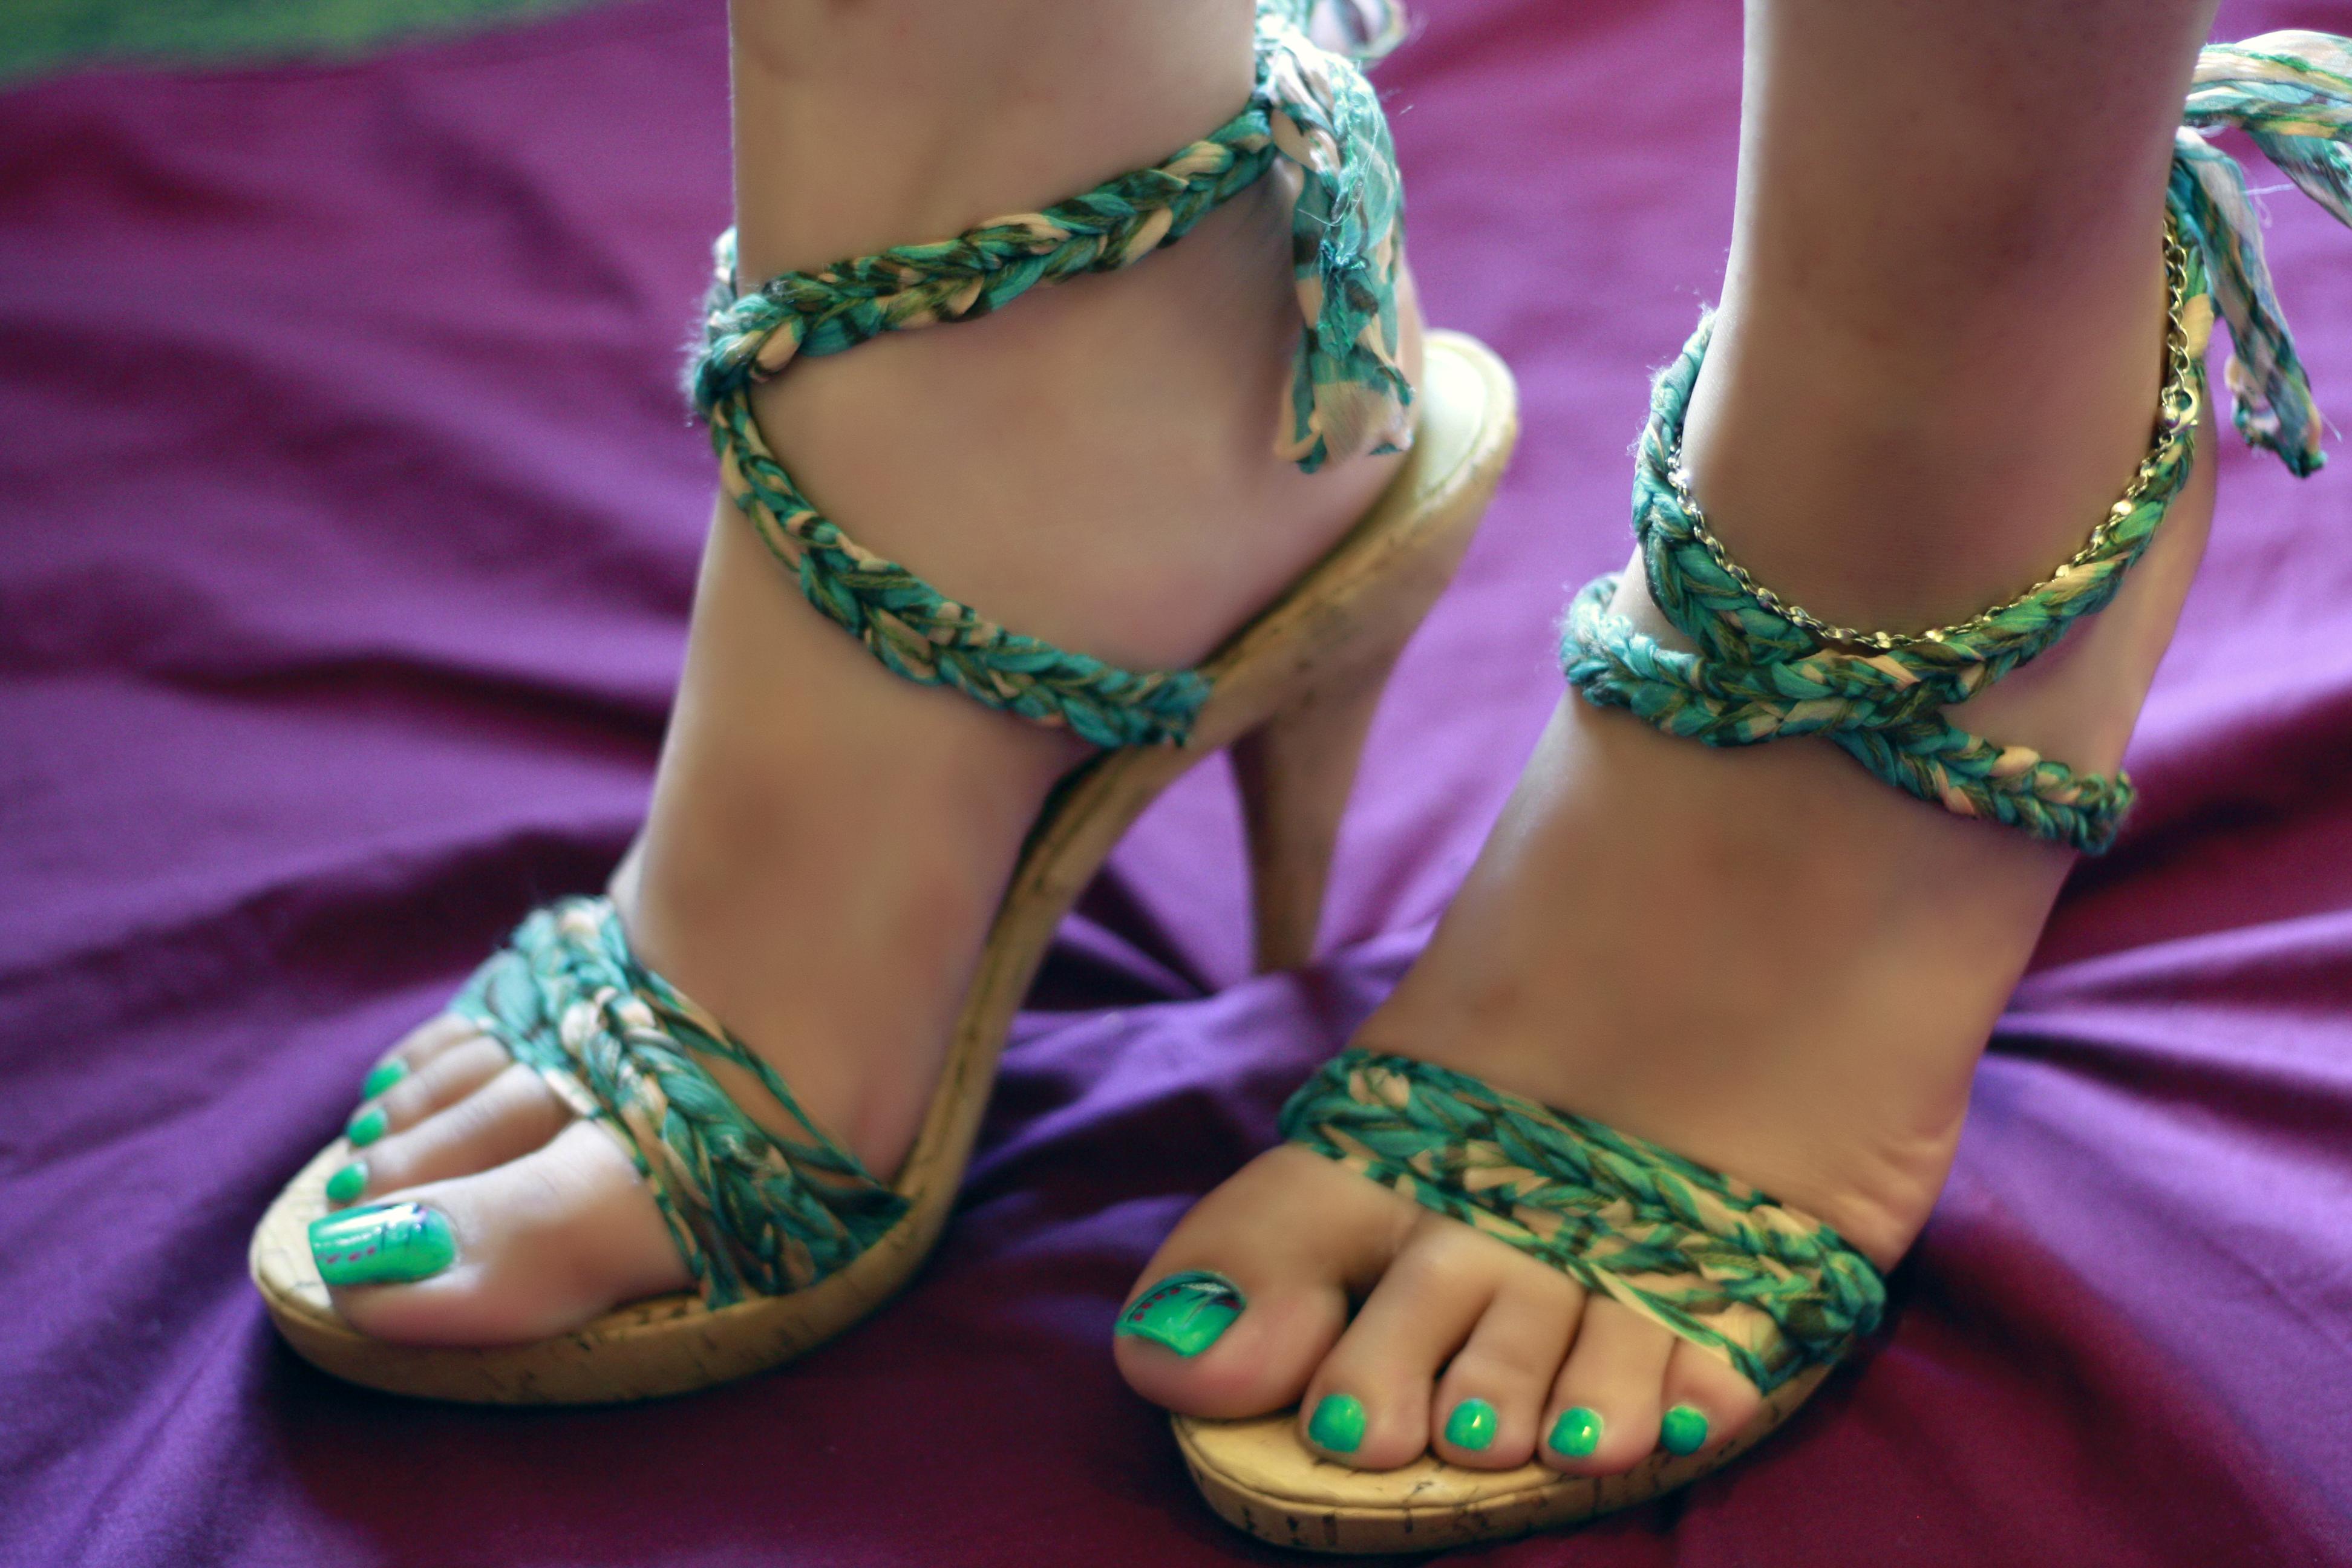 Hot sexy women feet